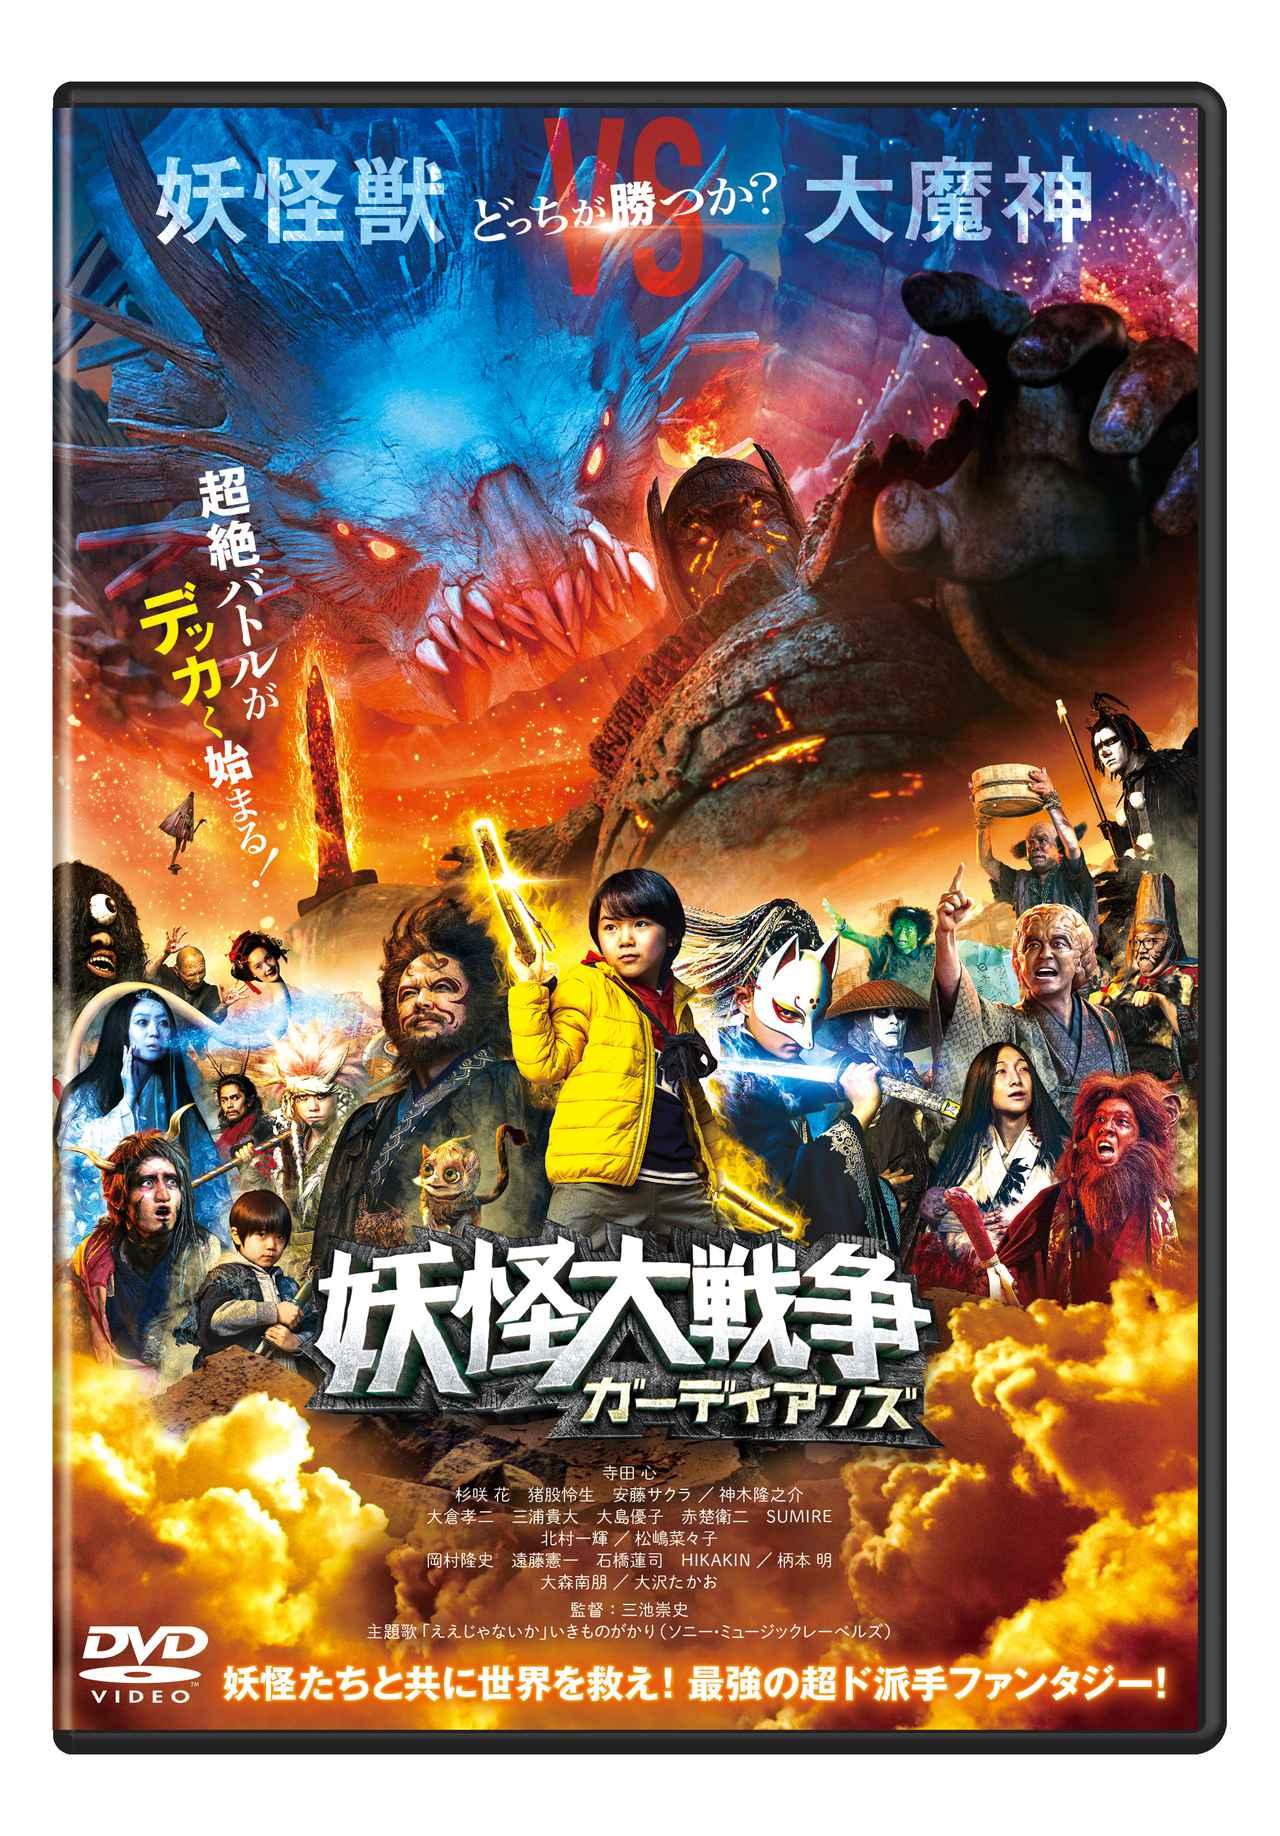 画像5: 『妖怪大戦争 ガーディアンズ』12月22日Blu-ray&DVDリリース決定!